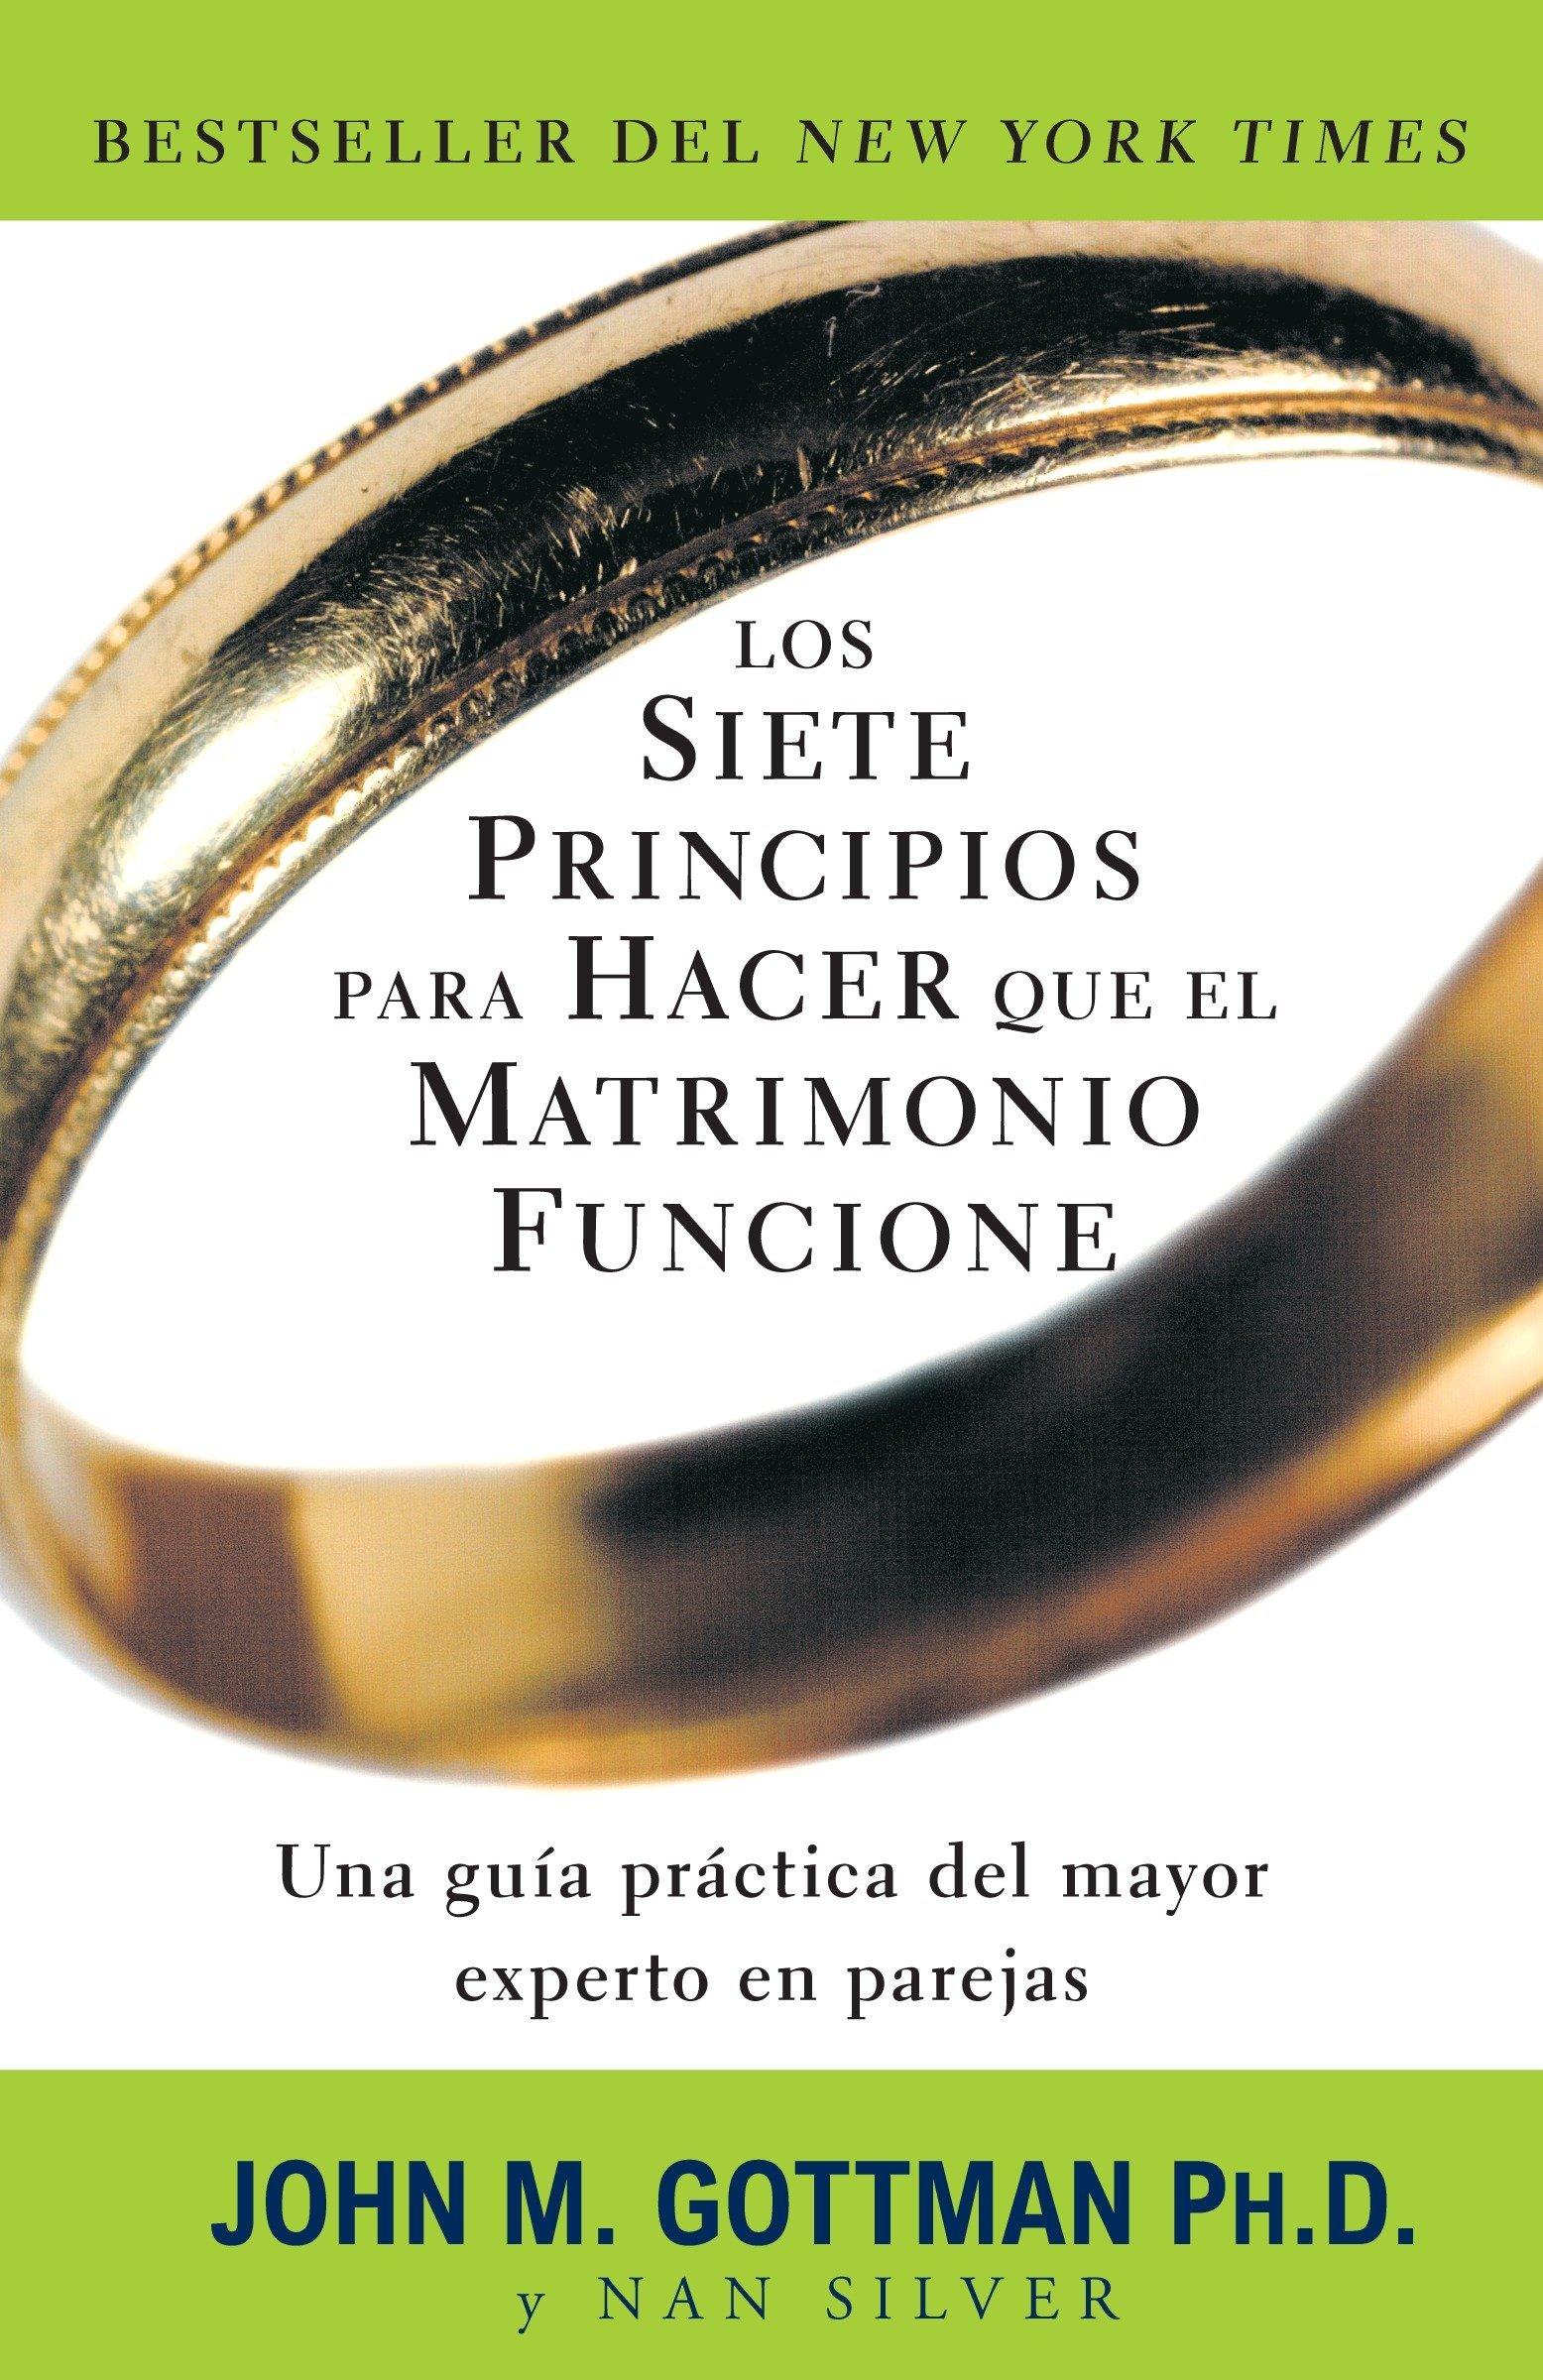 Los siete principios para hacer que el matrimonio funcione ...